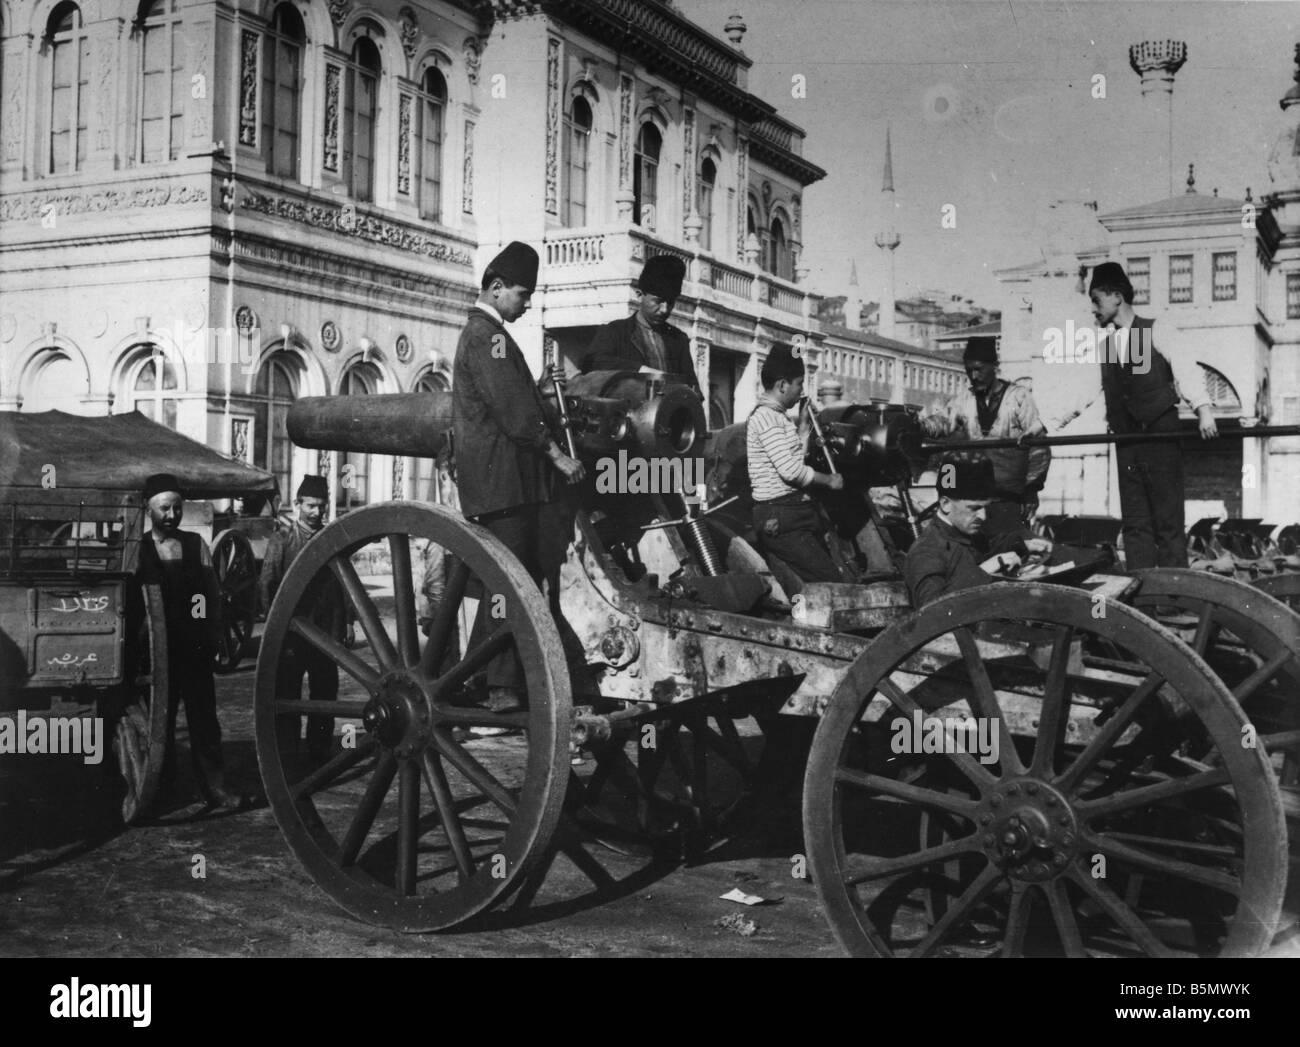 9TK 1916 0 0 A1 5 Waffe Fabriken Türkei Herbst 1916 Geschichte der Türkei 1. Weltkrieg Waffe Kanonen und Stockbild